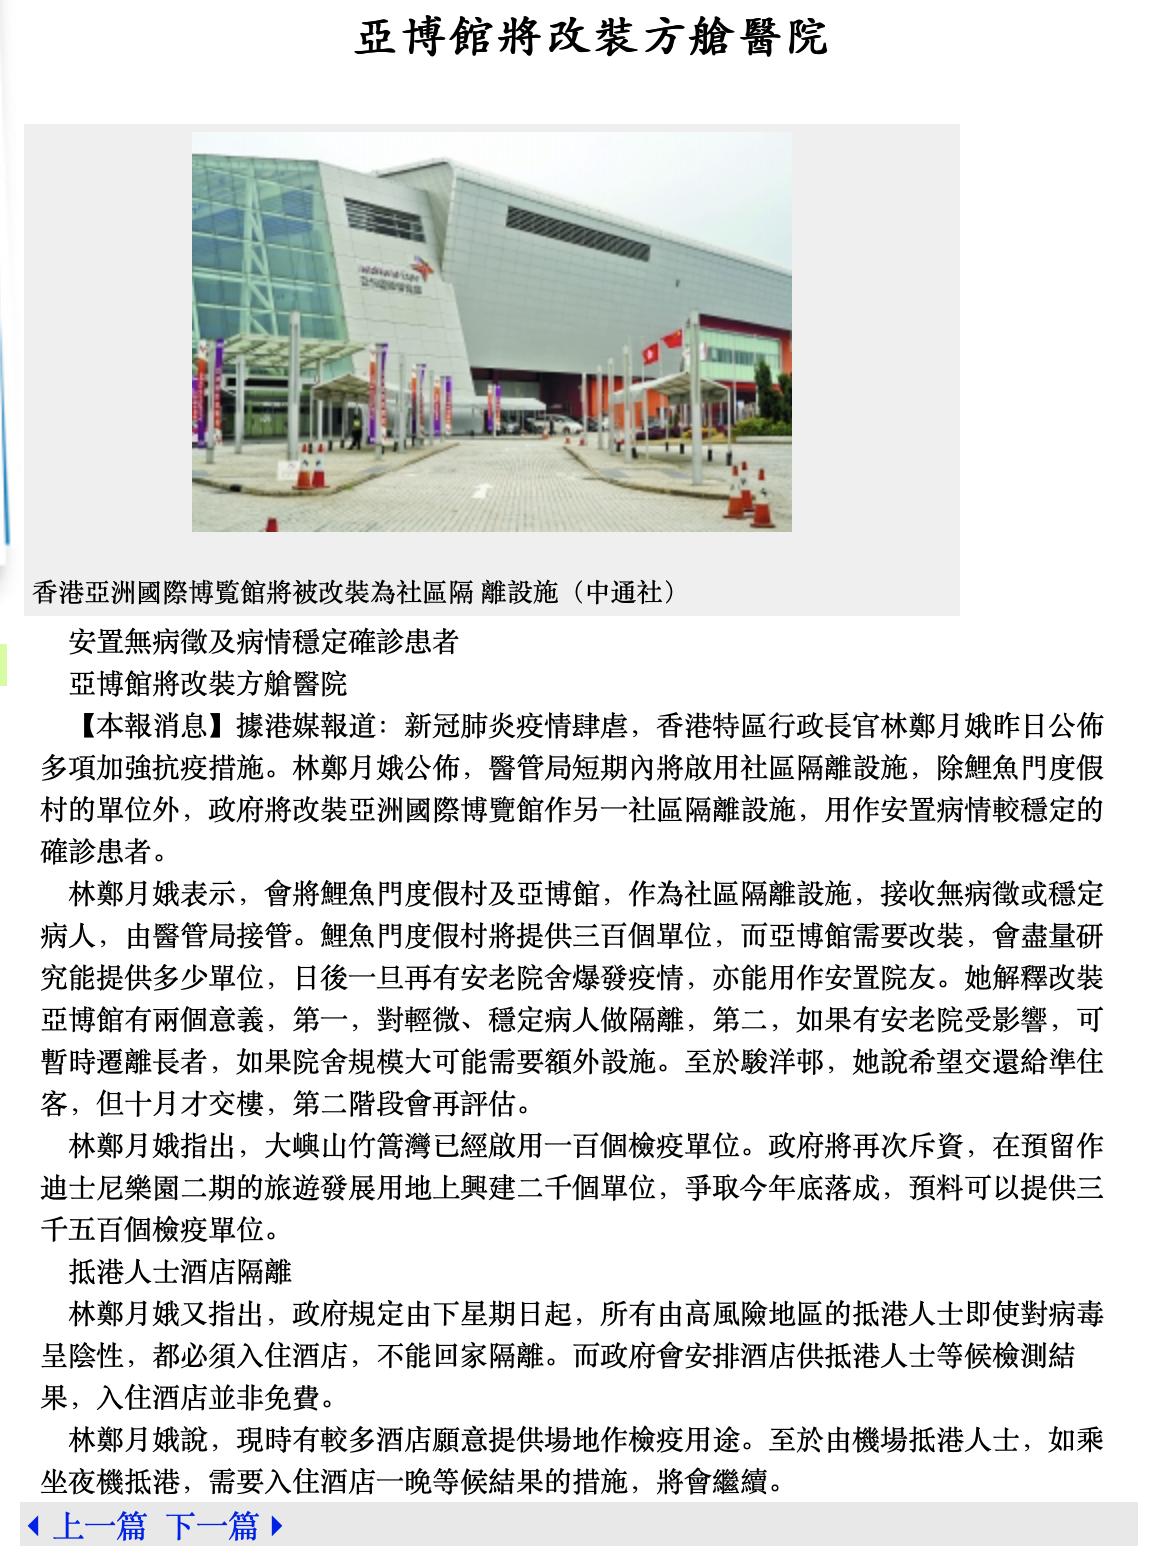 2020年香港8月SAT考试恐取消,亚博考场将变方舱医院|附亚洲/大洋洲/美洲各国家最新出入境政策